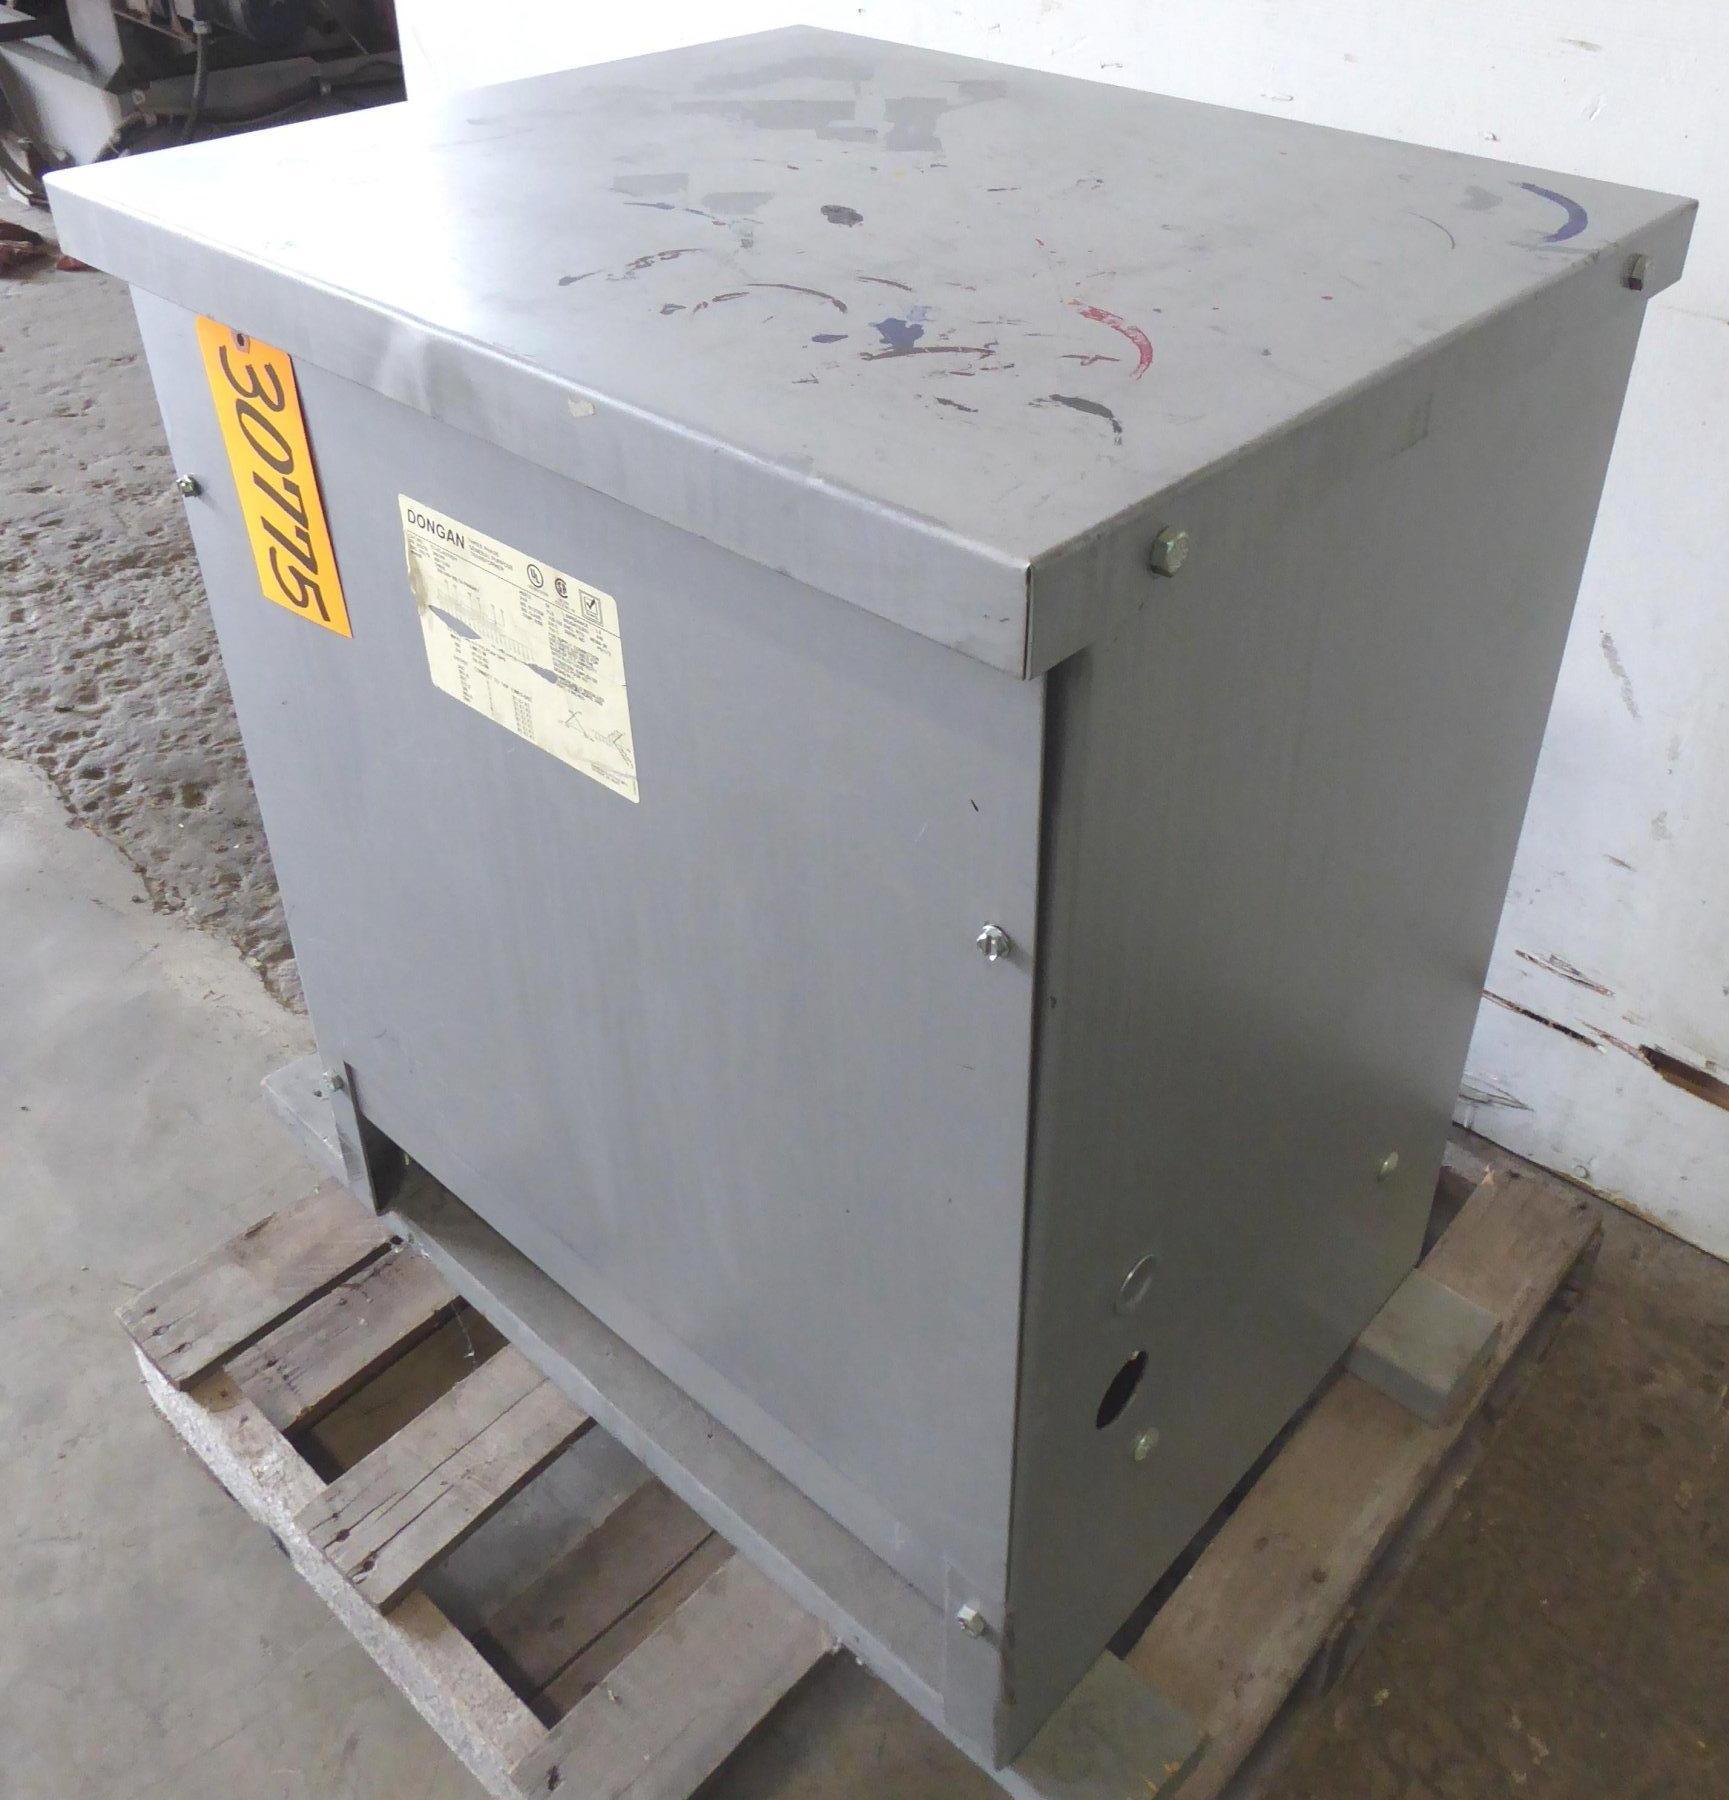 45 KVA Dongan Transformer No. 63-45-4970SH, 208/240 Primary Volts, 380Y/220V Secondary Volts, 3 Phase